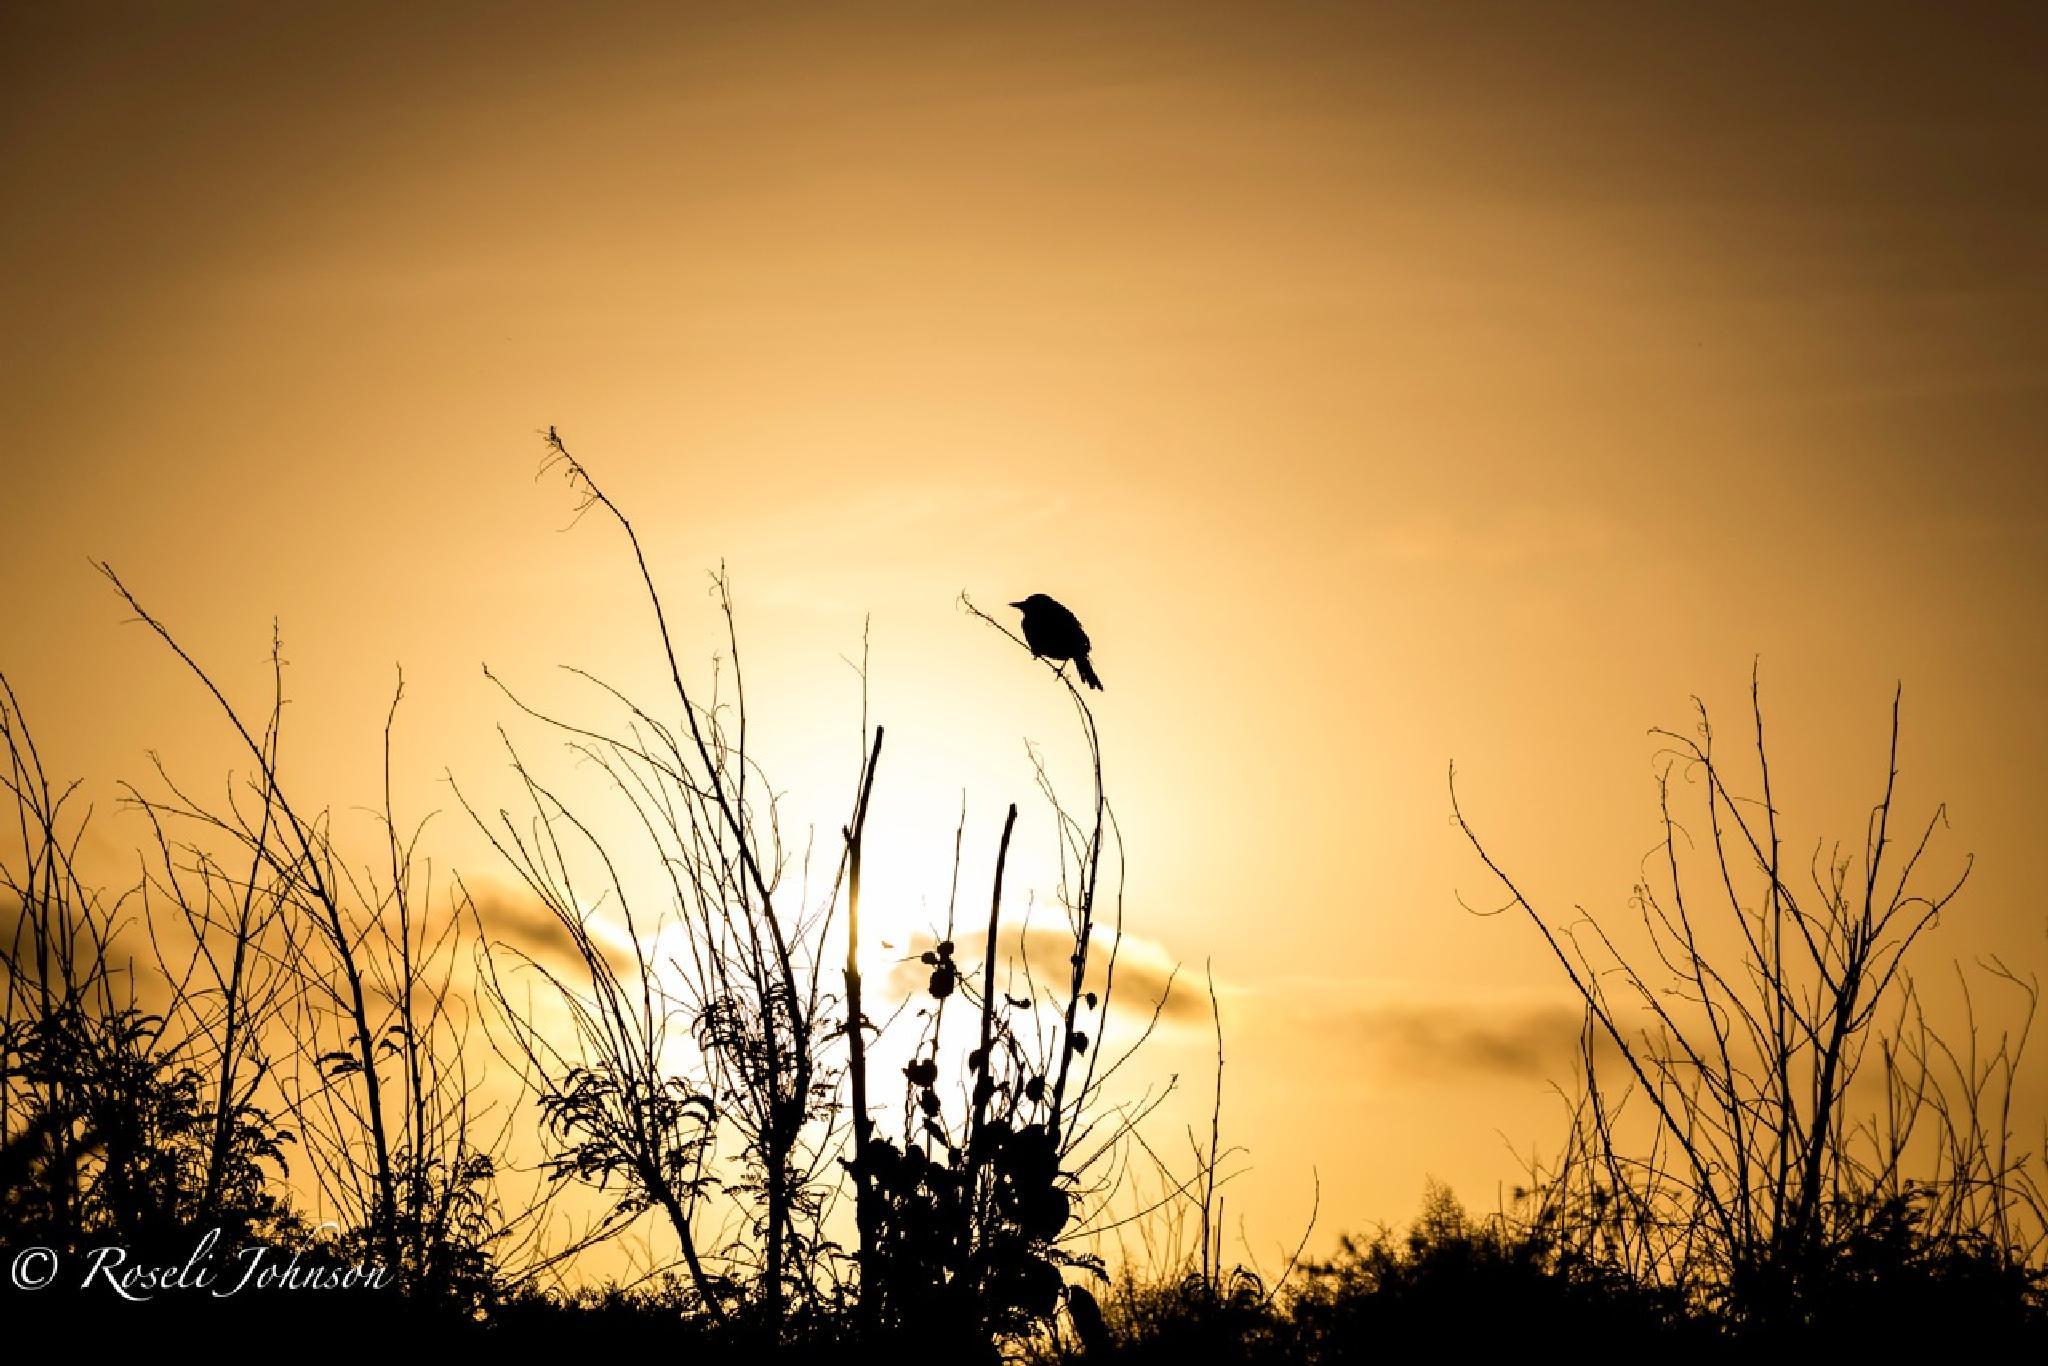 Sunset walks by roselij1